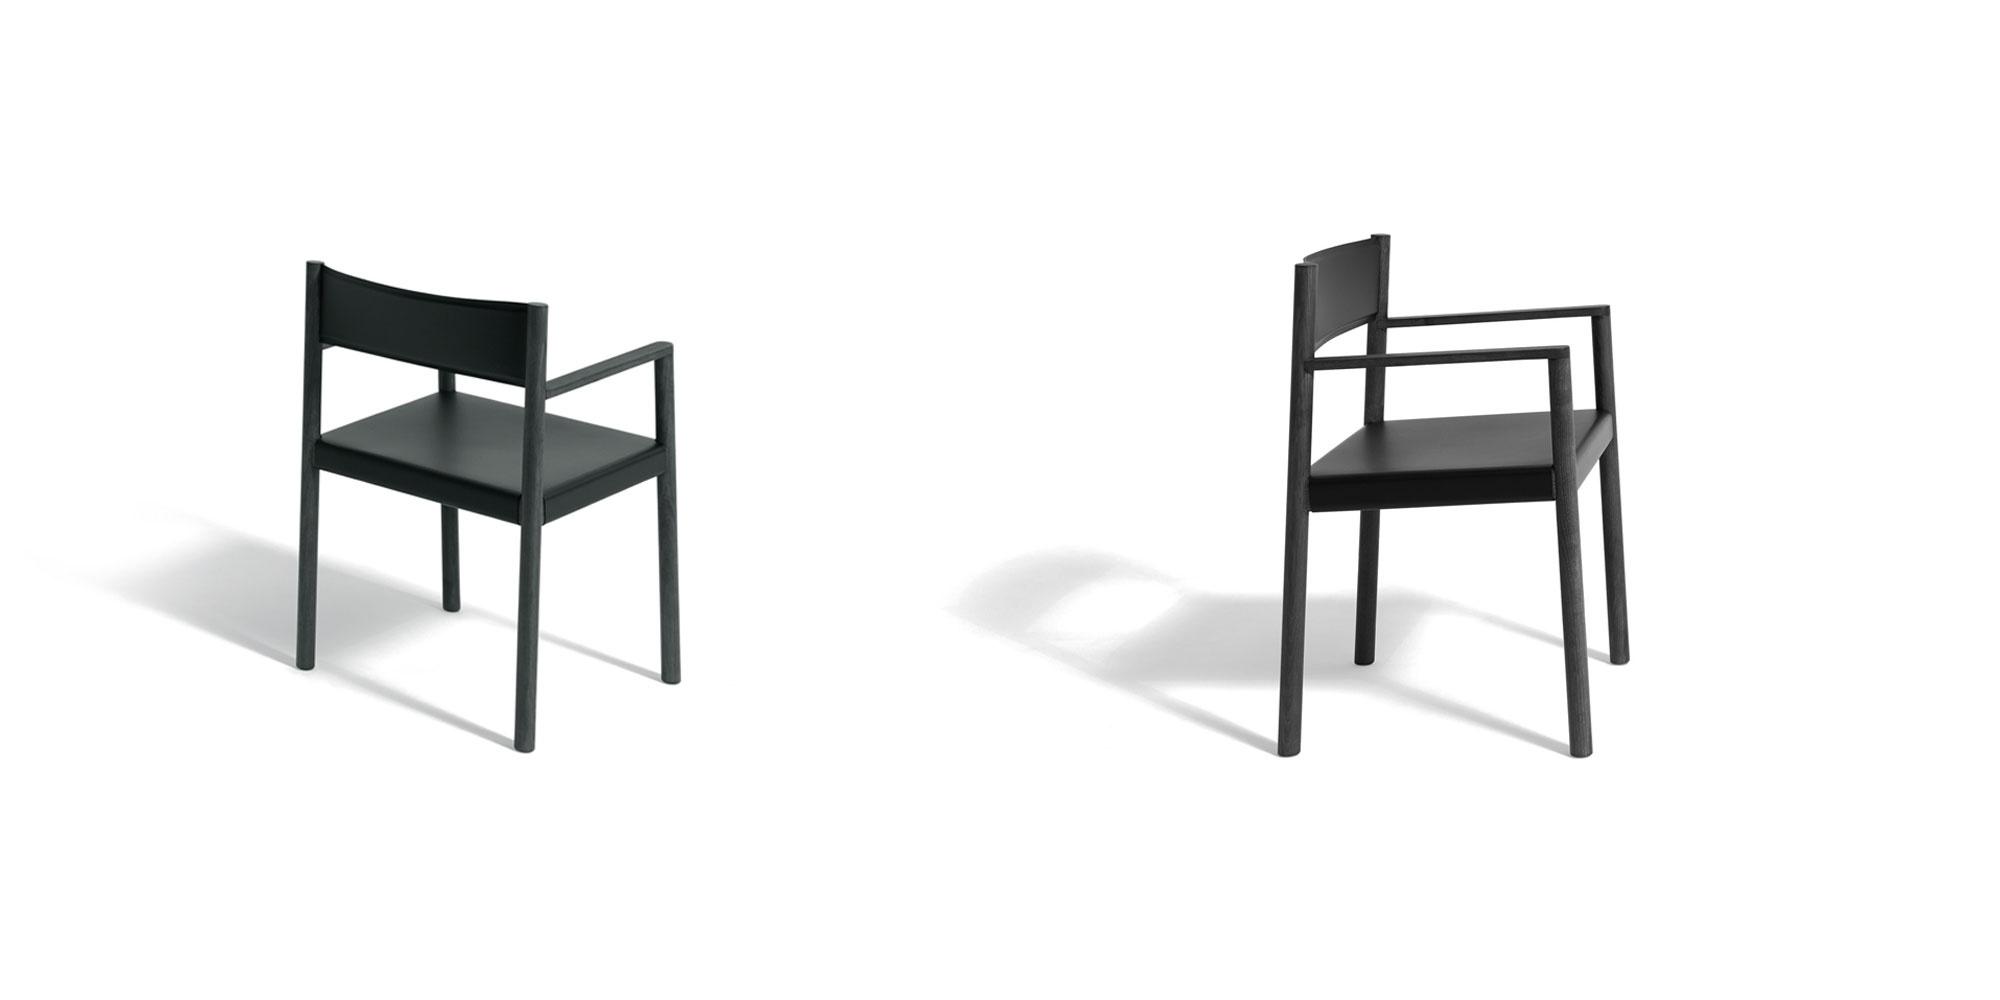 20171121-9618-depadova-sedie-so-corpo-2000x1000.jpg